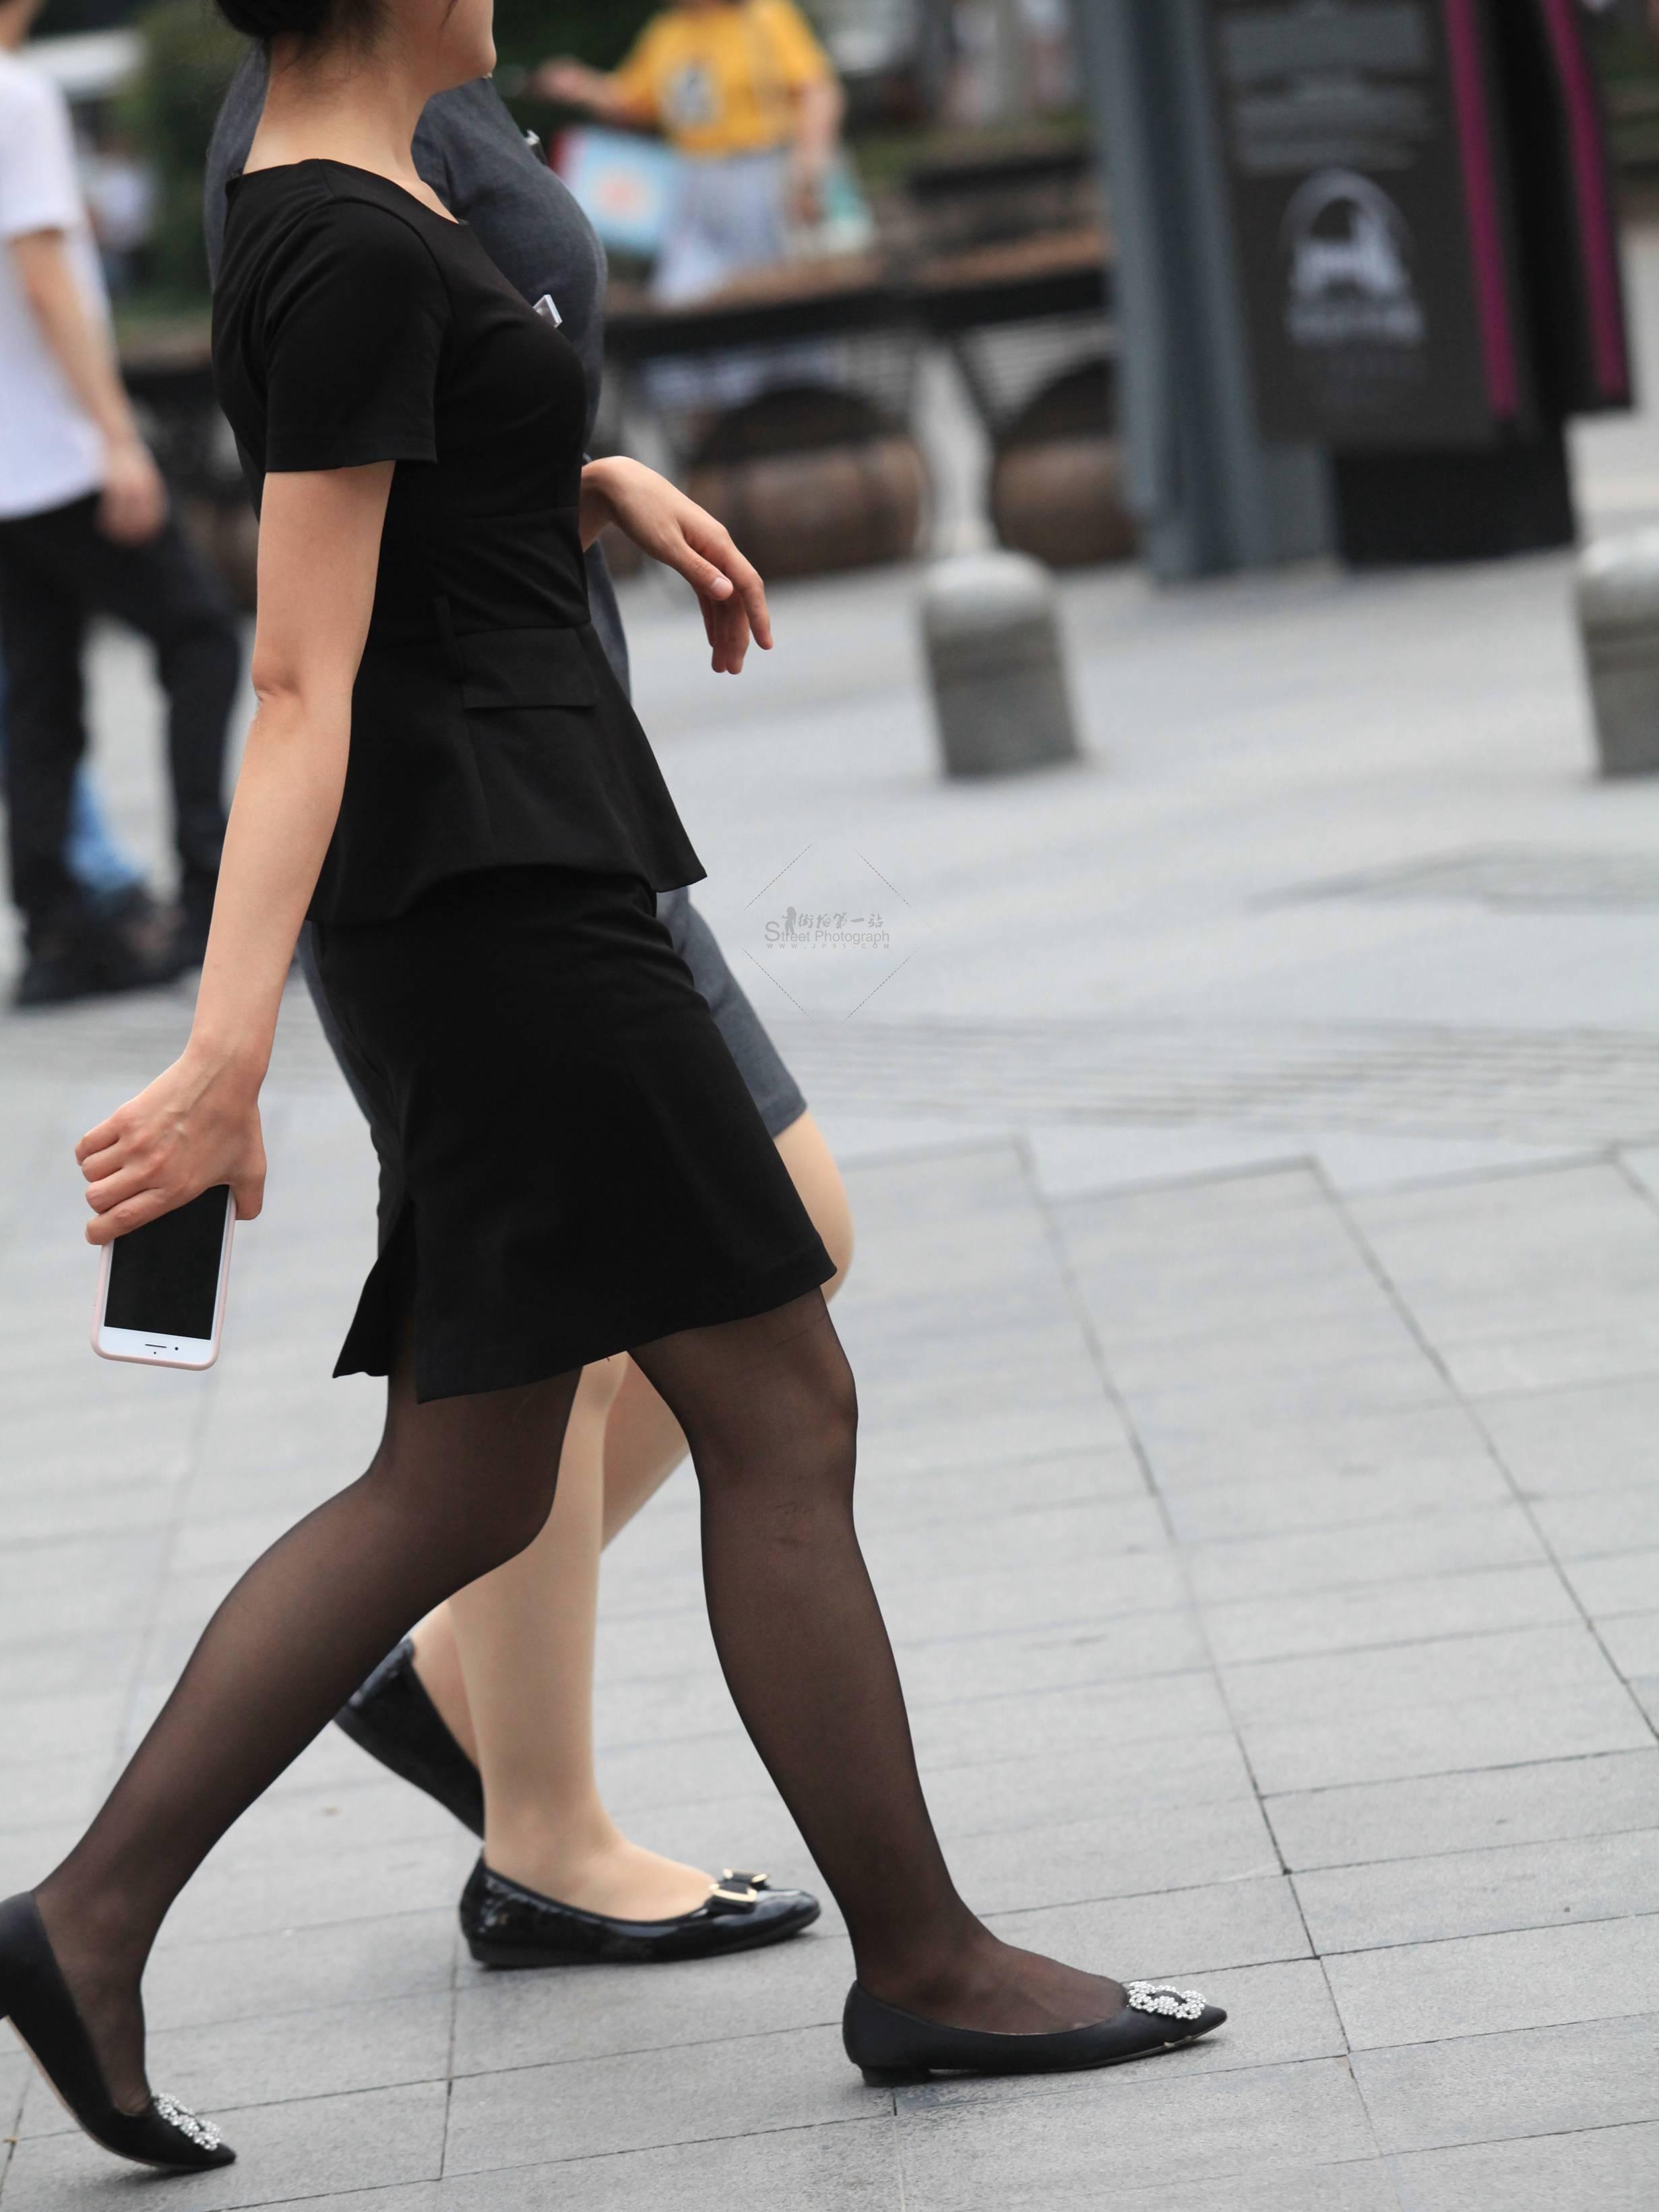 街拍OL,街拍黑絲 【玨一笑而過】漂亮黑絲 OL 最新街拍絲襪圖片 街拍絲襪第一站